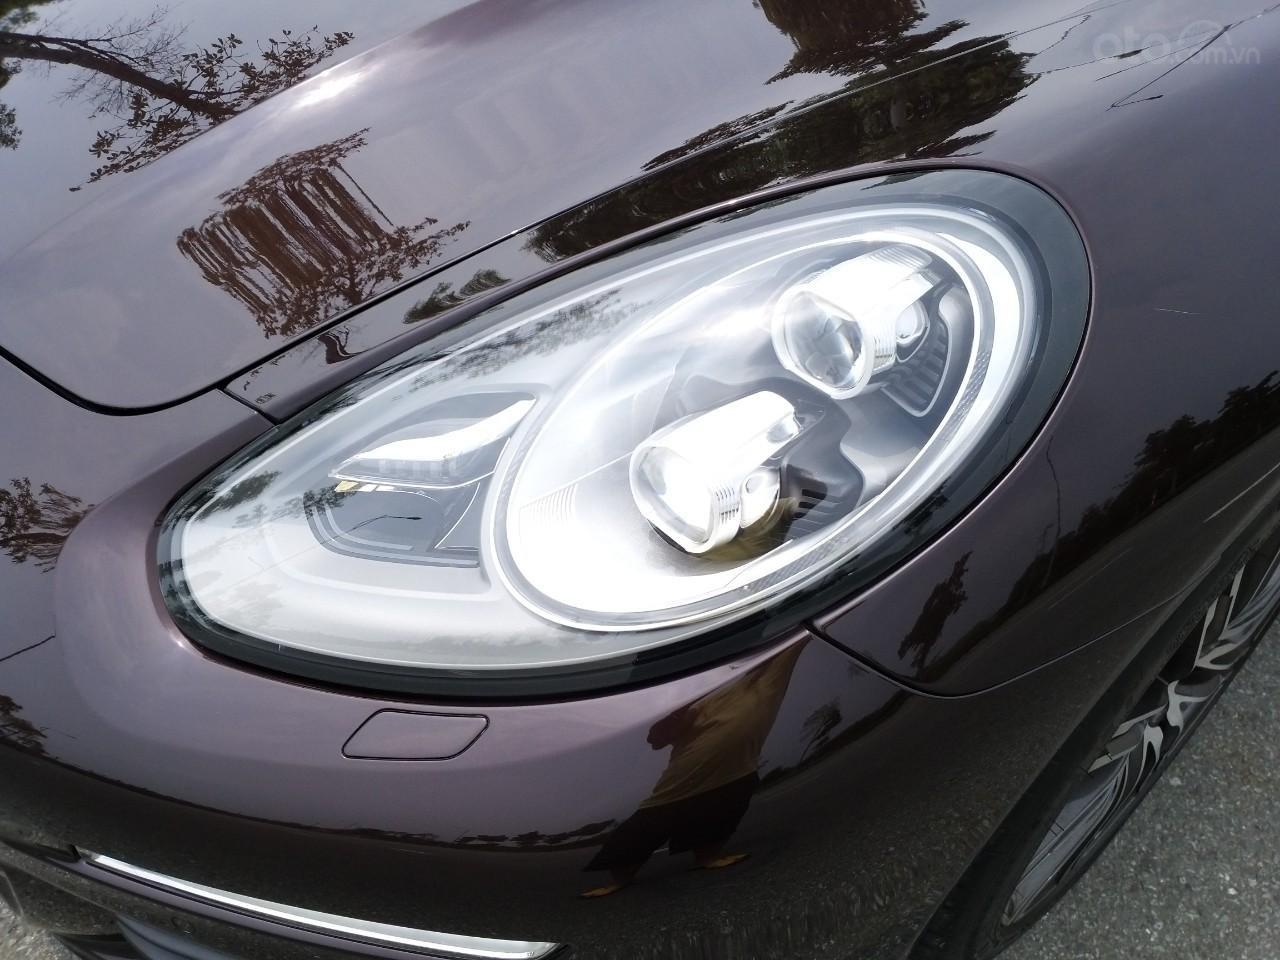 Porsche Panamera, nhà trùm mền, cực mới 99% như xe thùng, không có chiếc thứ 2 mới được vậy, Full option hãng 1 tỷ, bán rẻ 3 tỷ 450 (13)